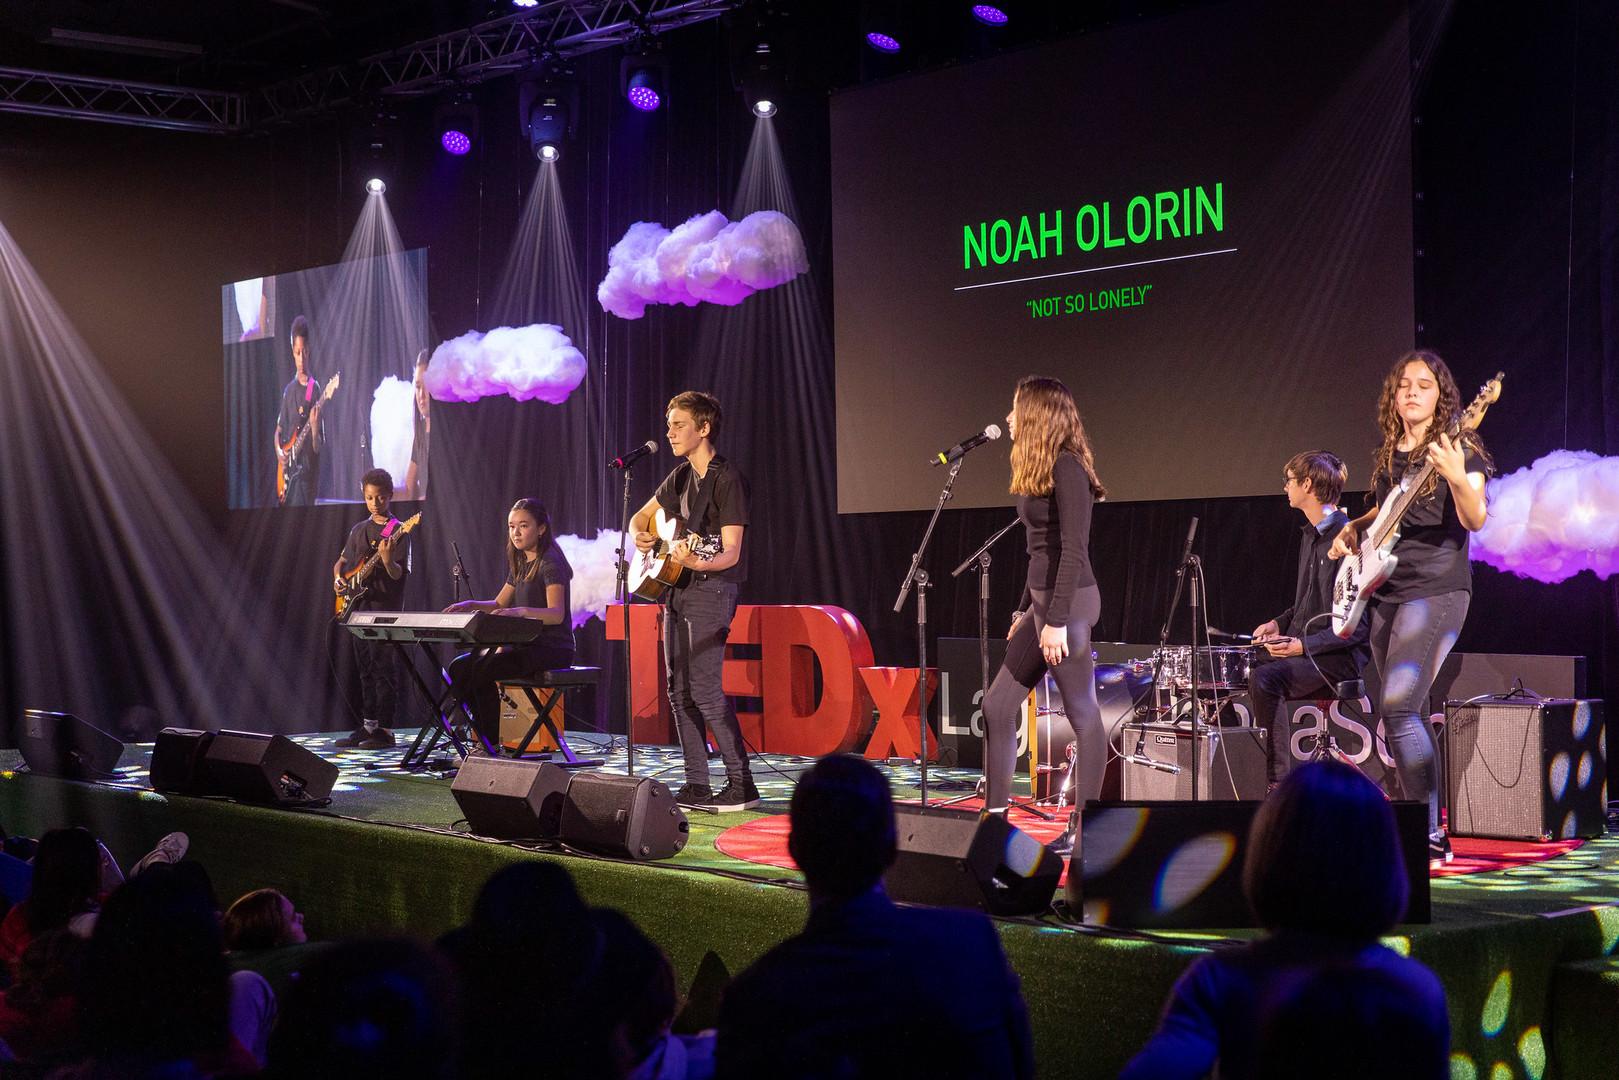 Noah Olorin and band